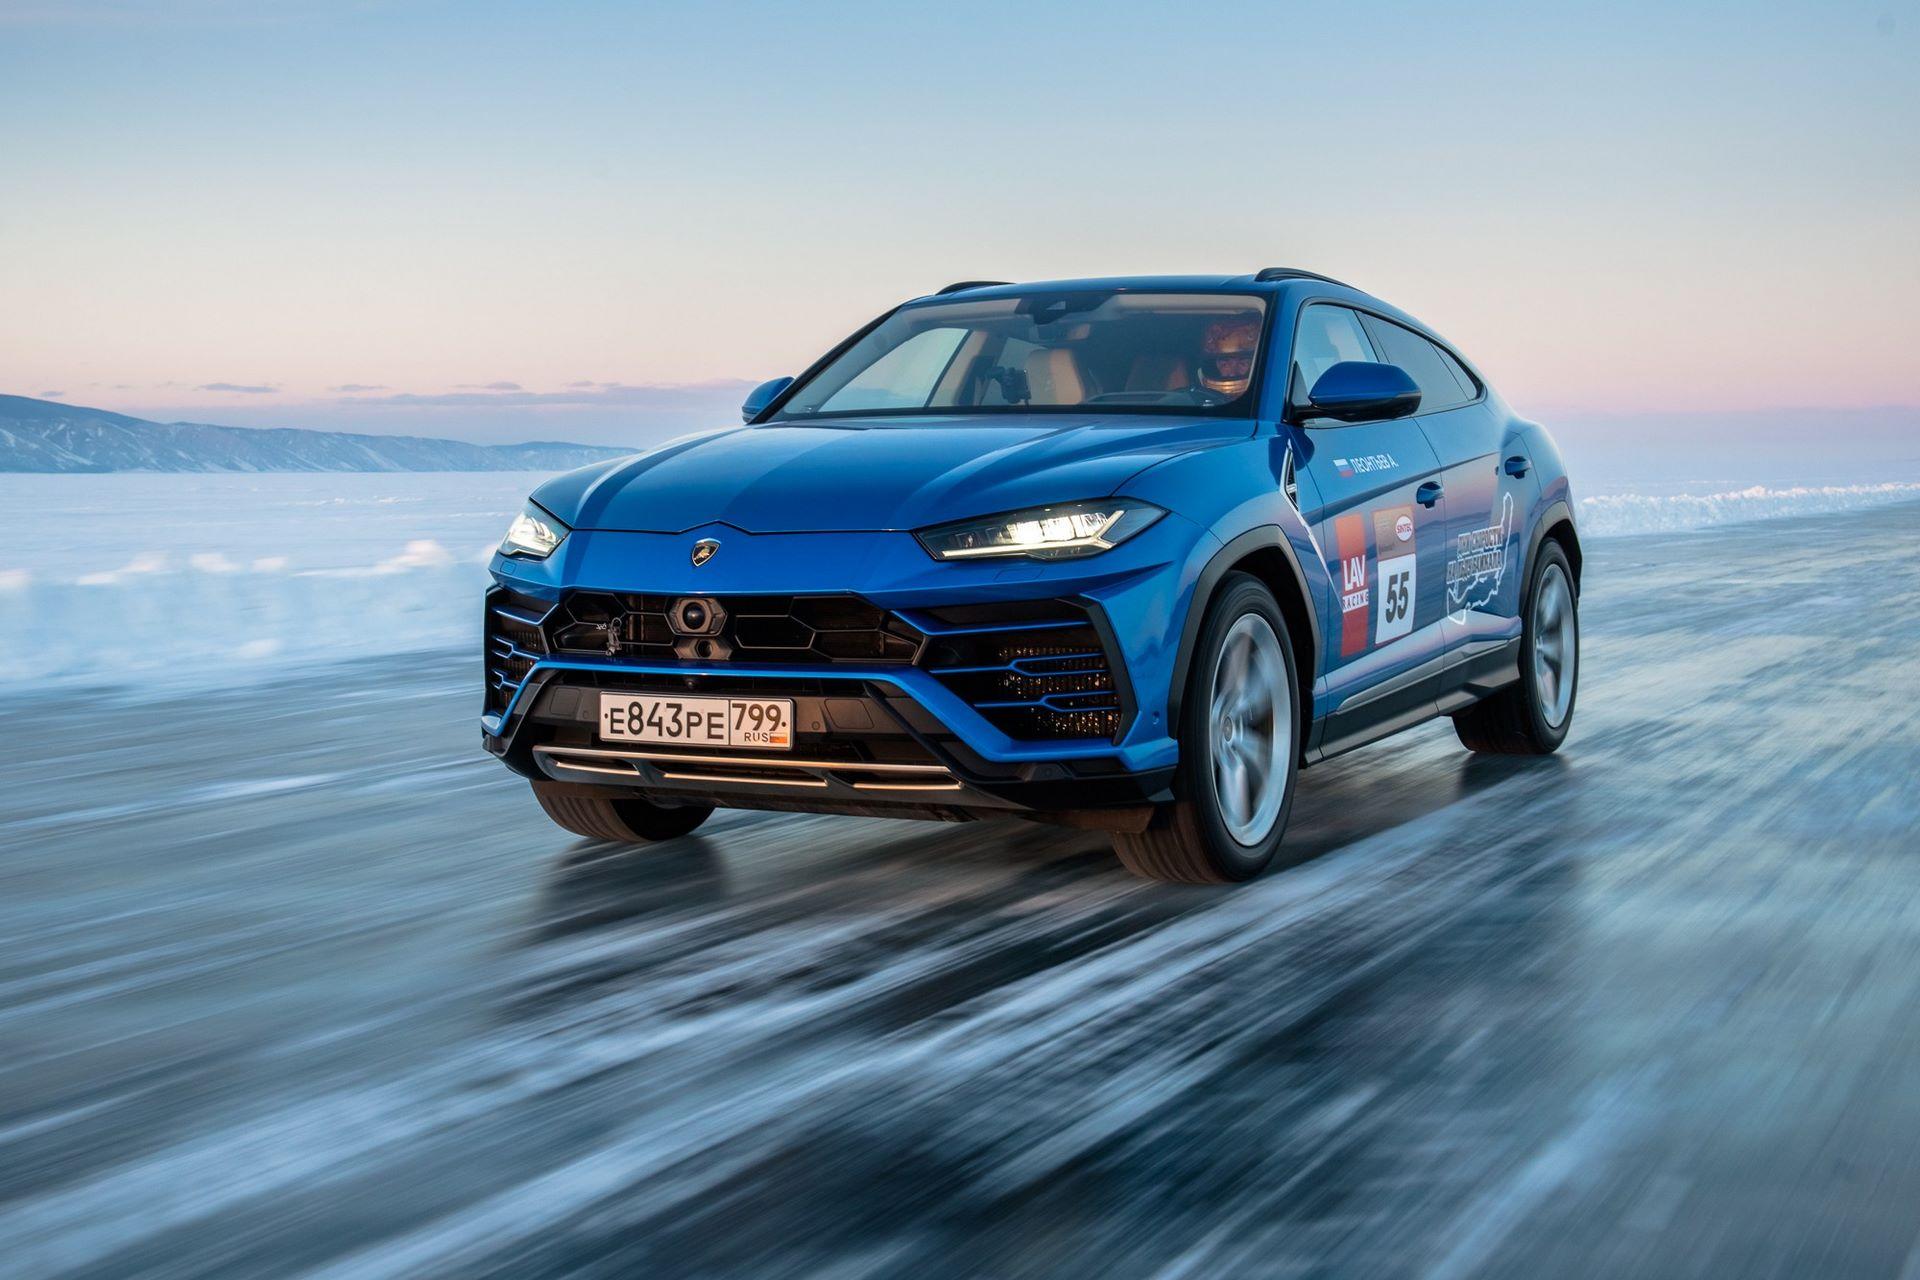 Lamborghini-Urus-Ice-Speed-Record-7